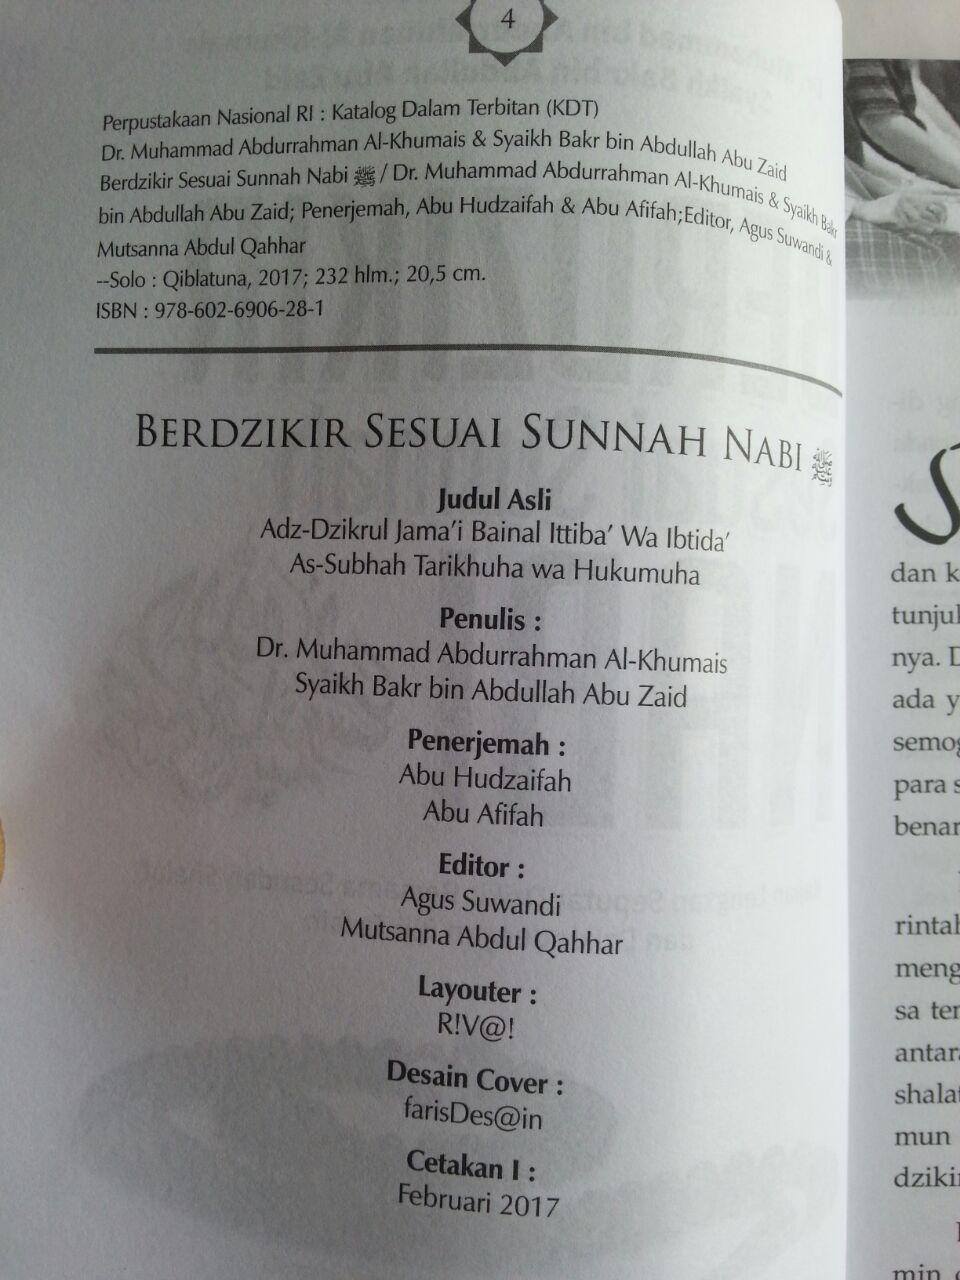 Buku Berdzikir Sesuai Sunnah Nabi Kajian Lengkap Seputar Dzikir Bersama isi 2